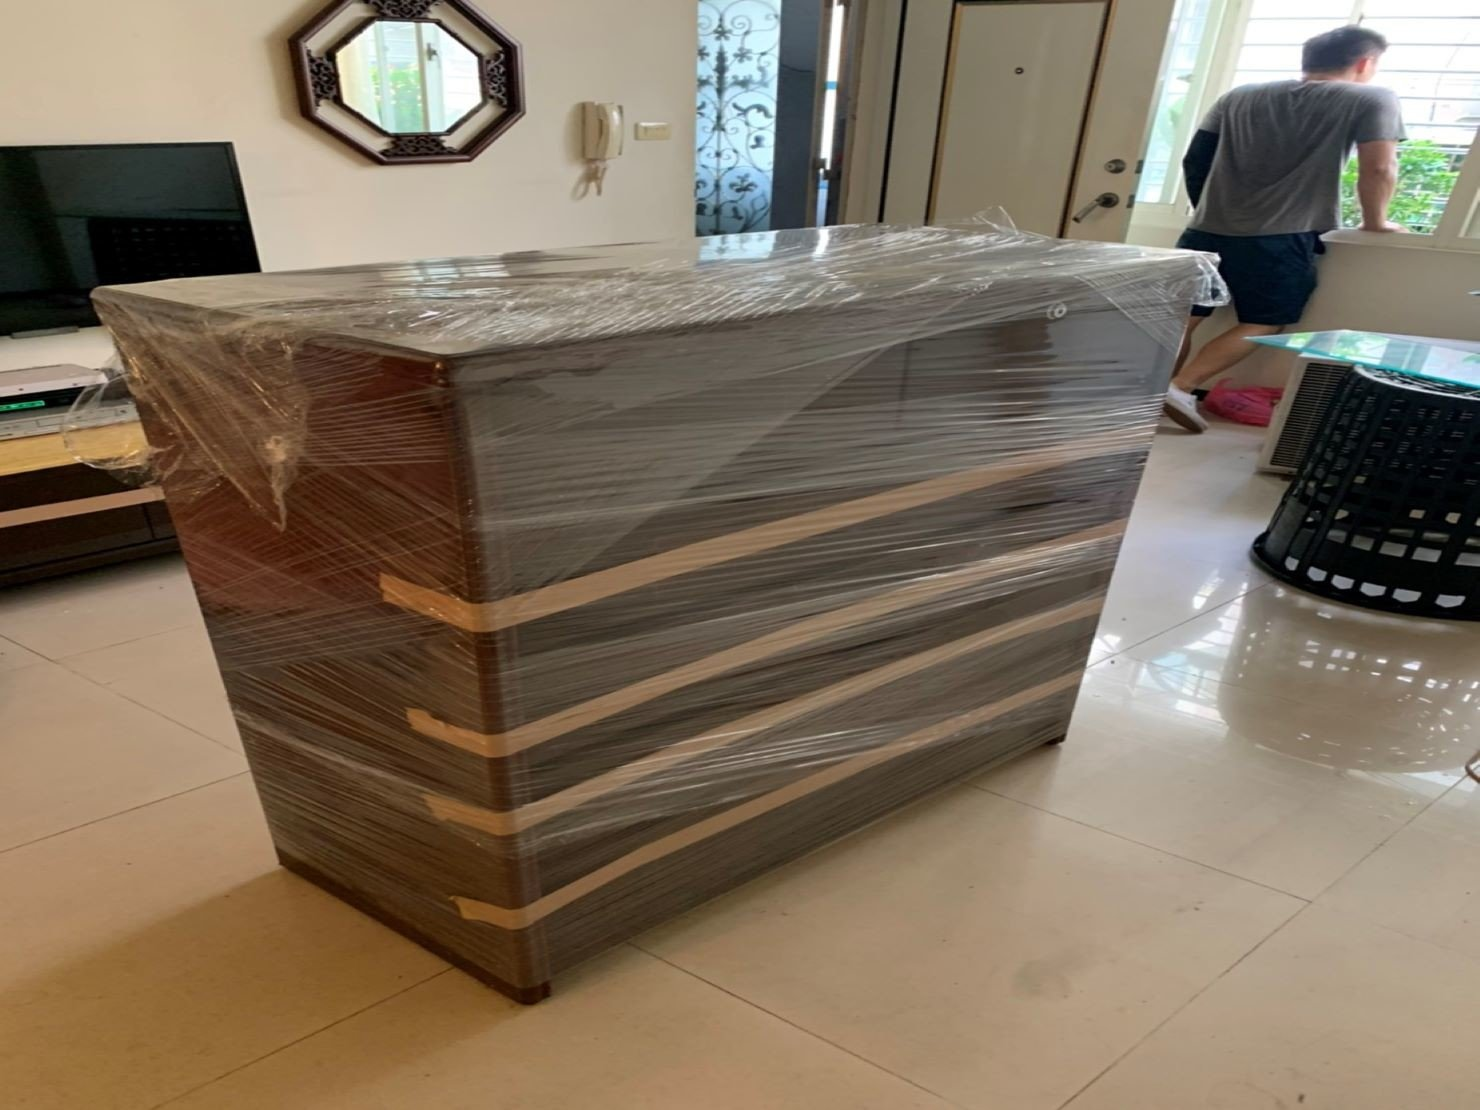 搬家公司【榮福搬家】搬傢具推薦給您最優質、最安全的搬運服務:六抽櫃貼布紋膠帶防止抽屜因搬運時移動再以膠膜反覆包袱可防止移動碰撞或刮傷